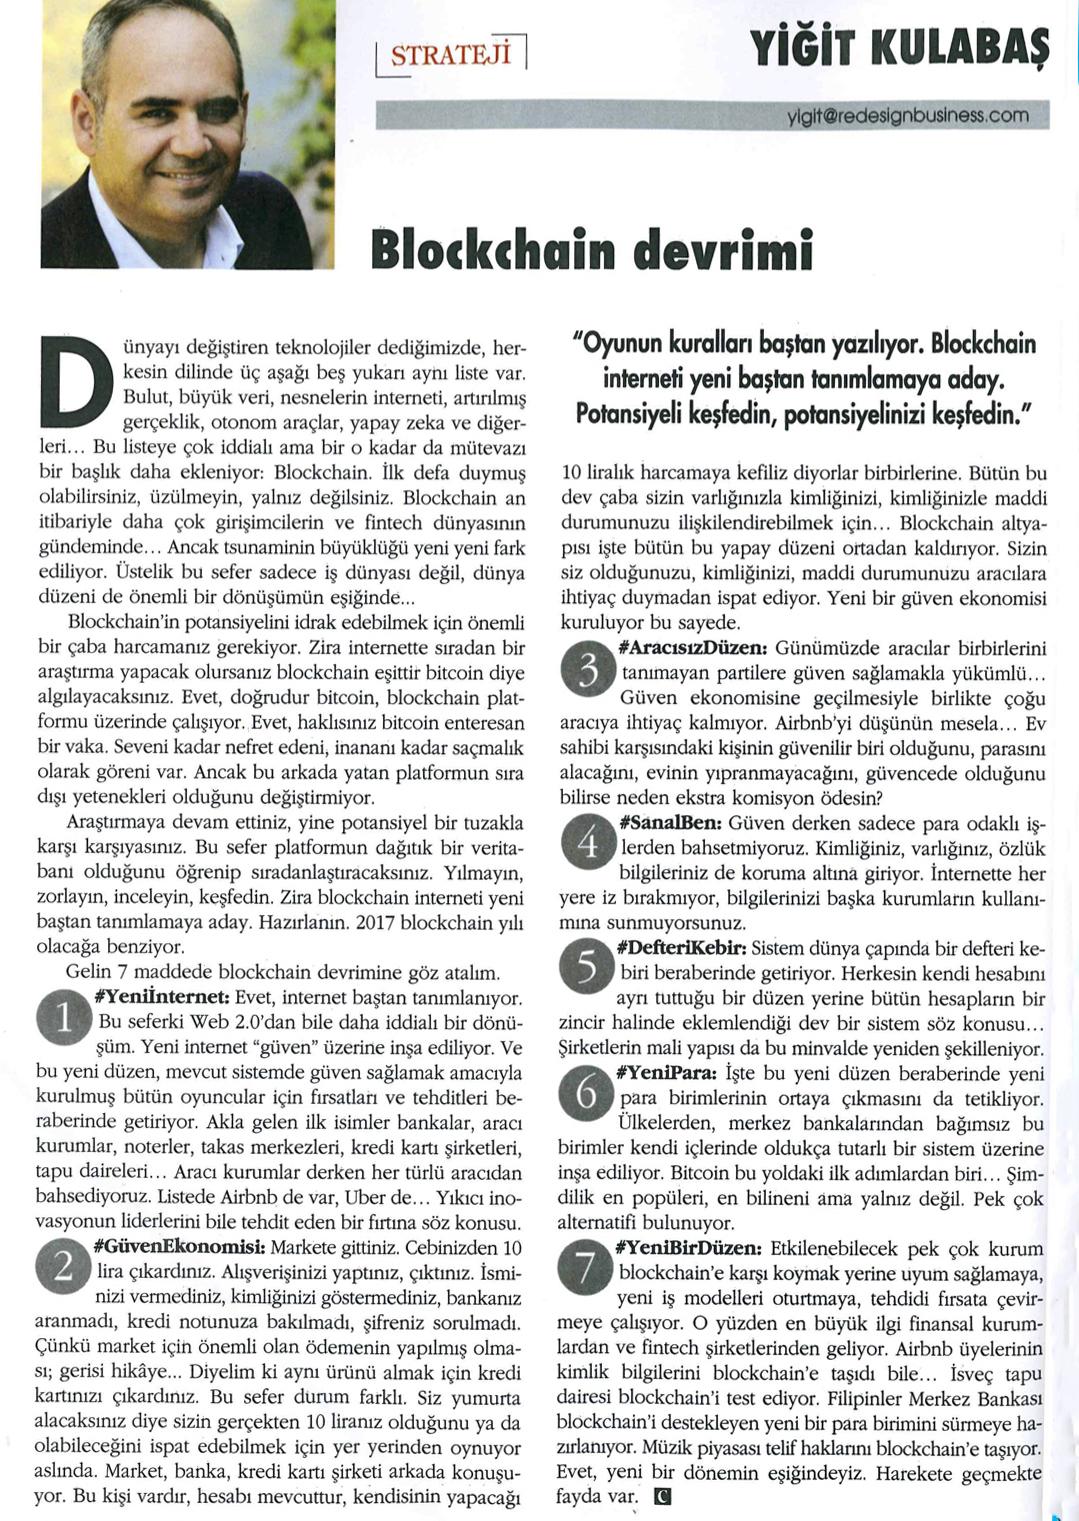 Yiğit Kulabaş: Blockchain Devrimi